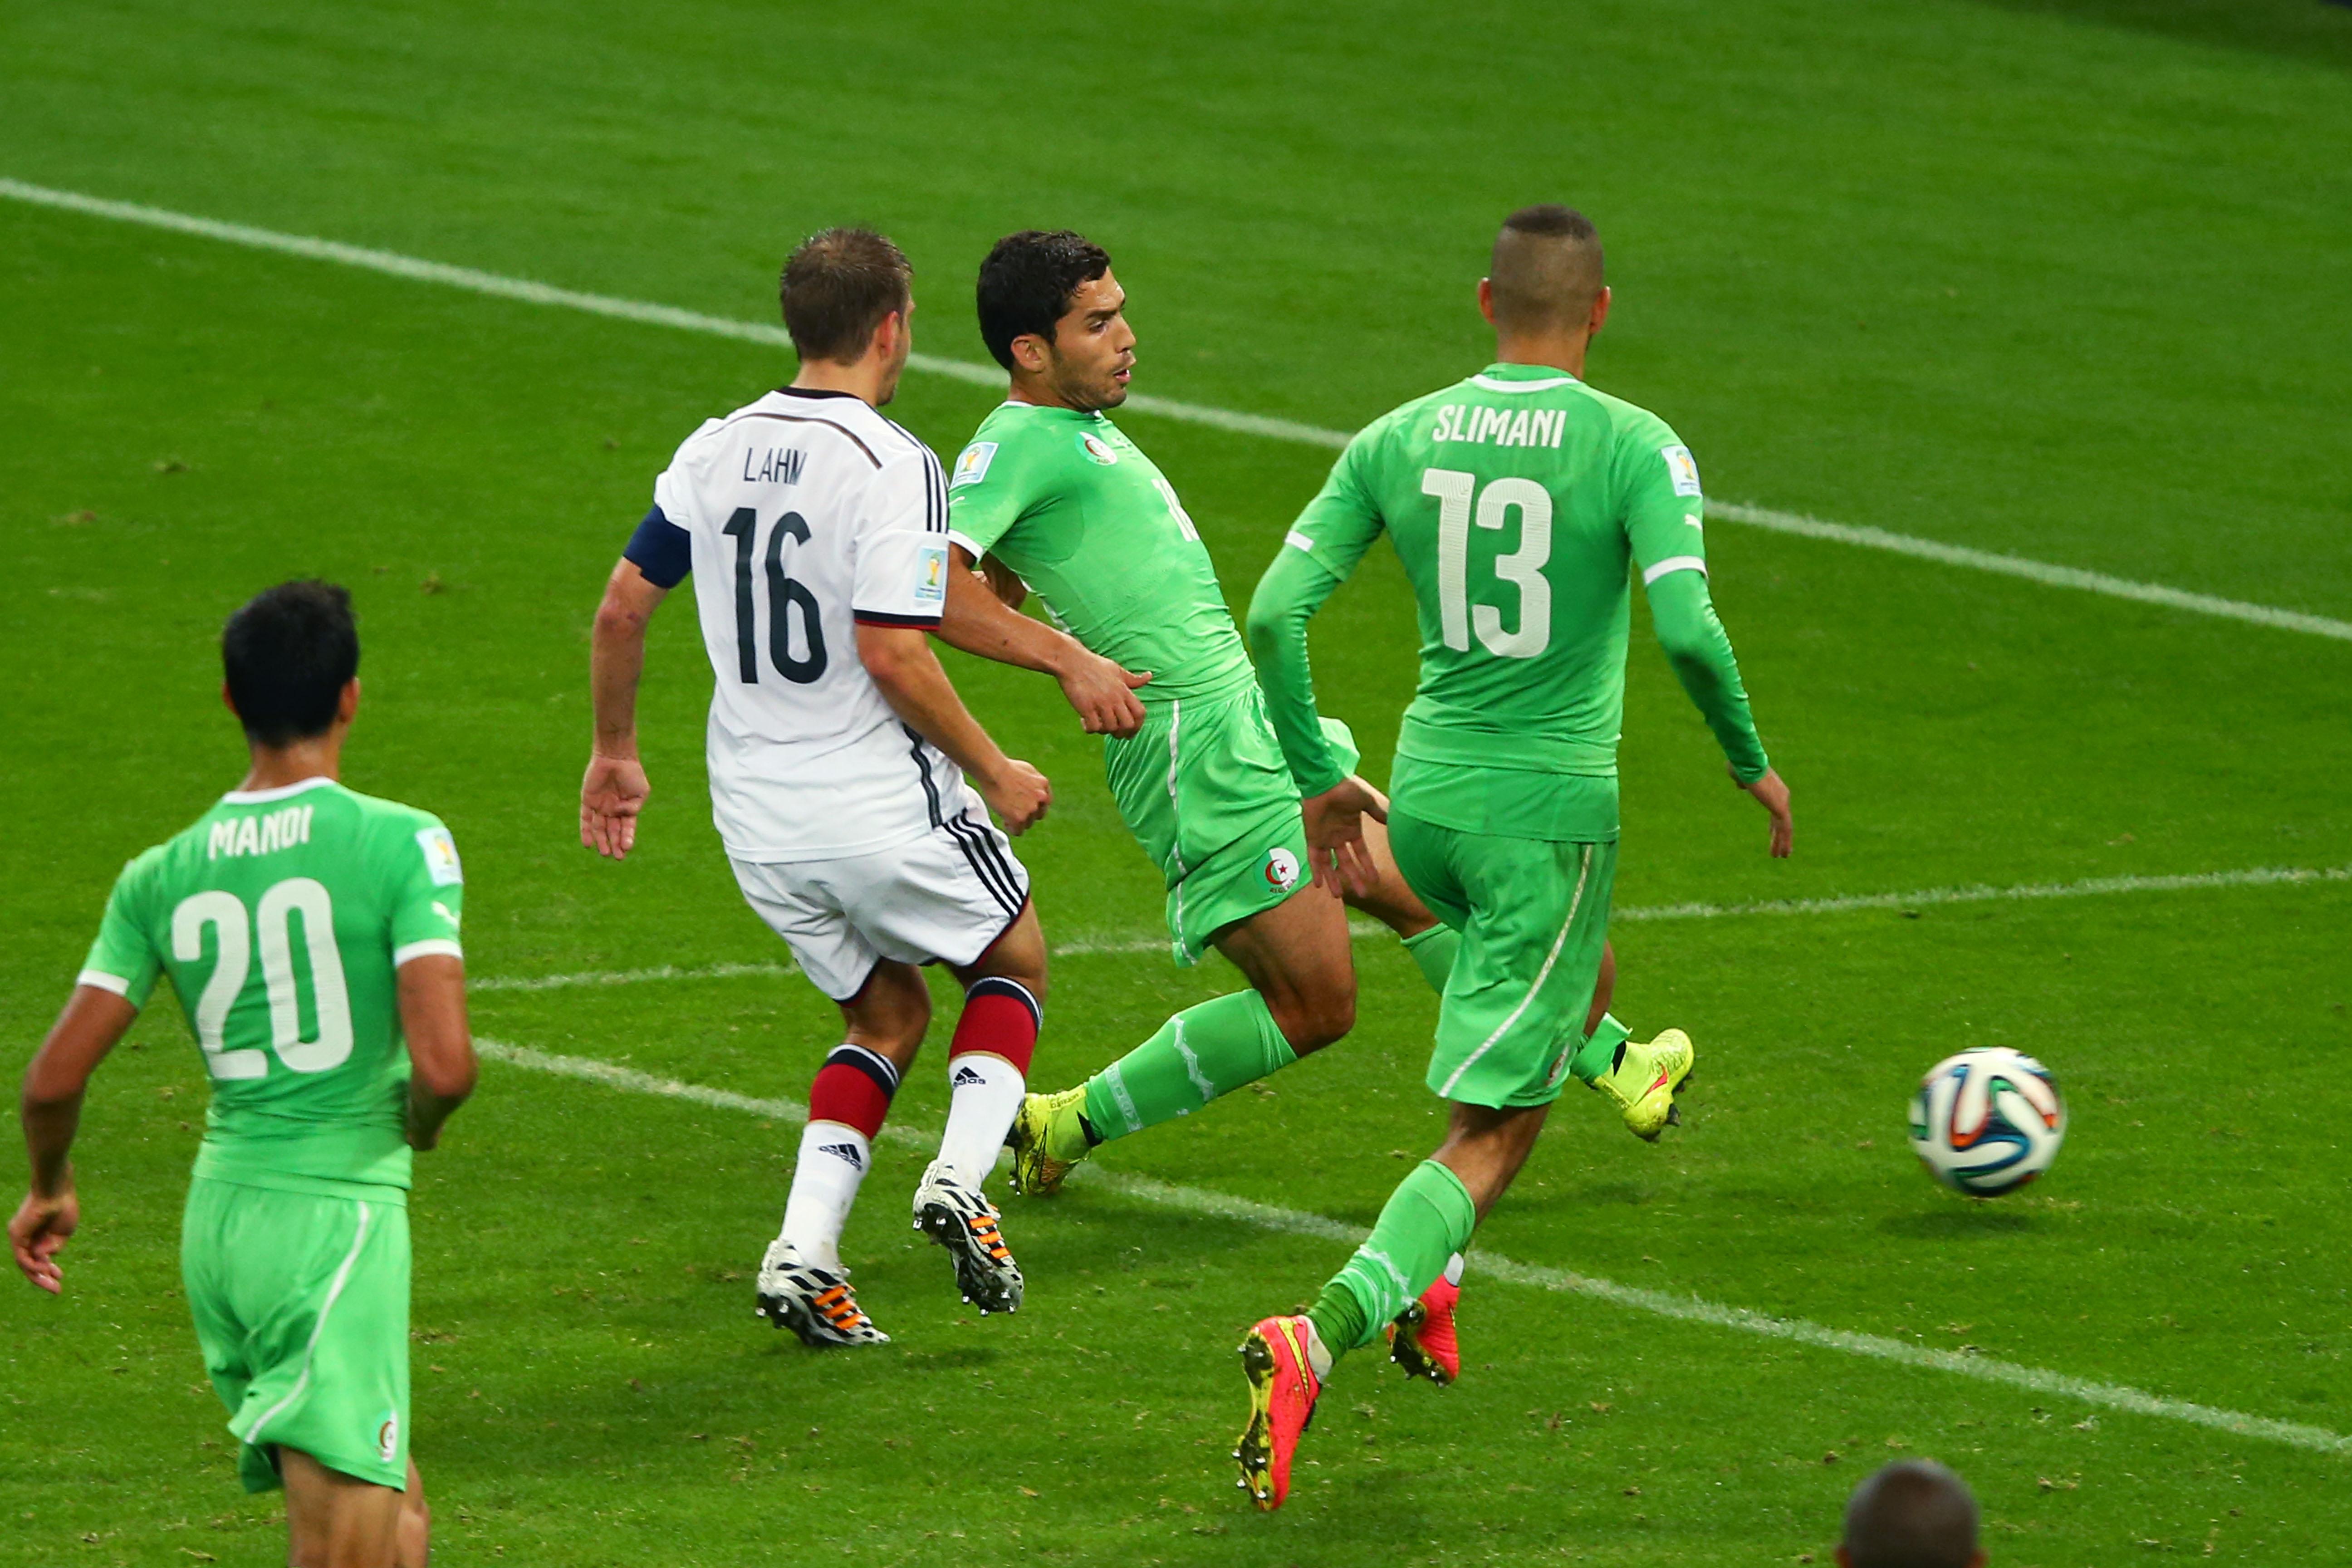 Unfassbar: Tor durch Abdelmoumen Djabou für Algerien in der letzten Minute (VIDEO)